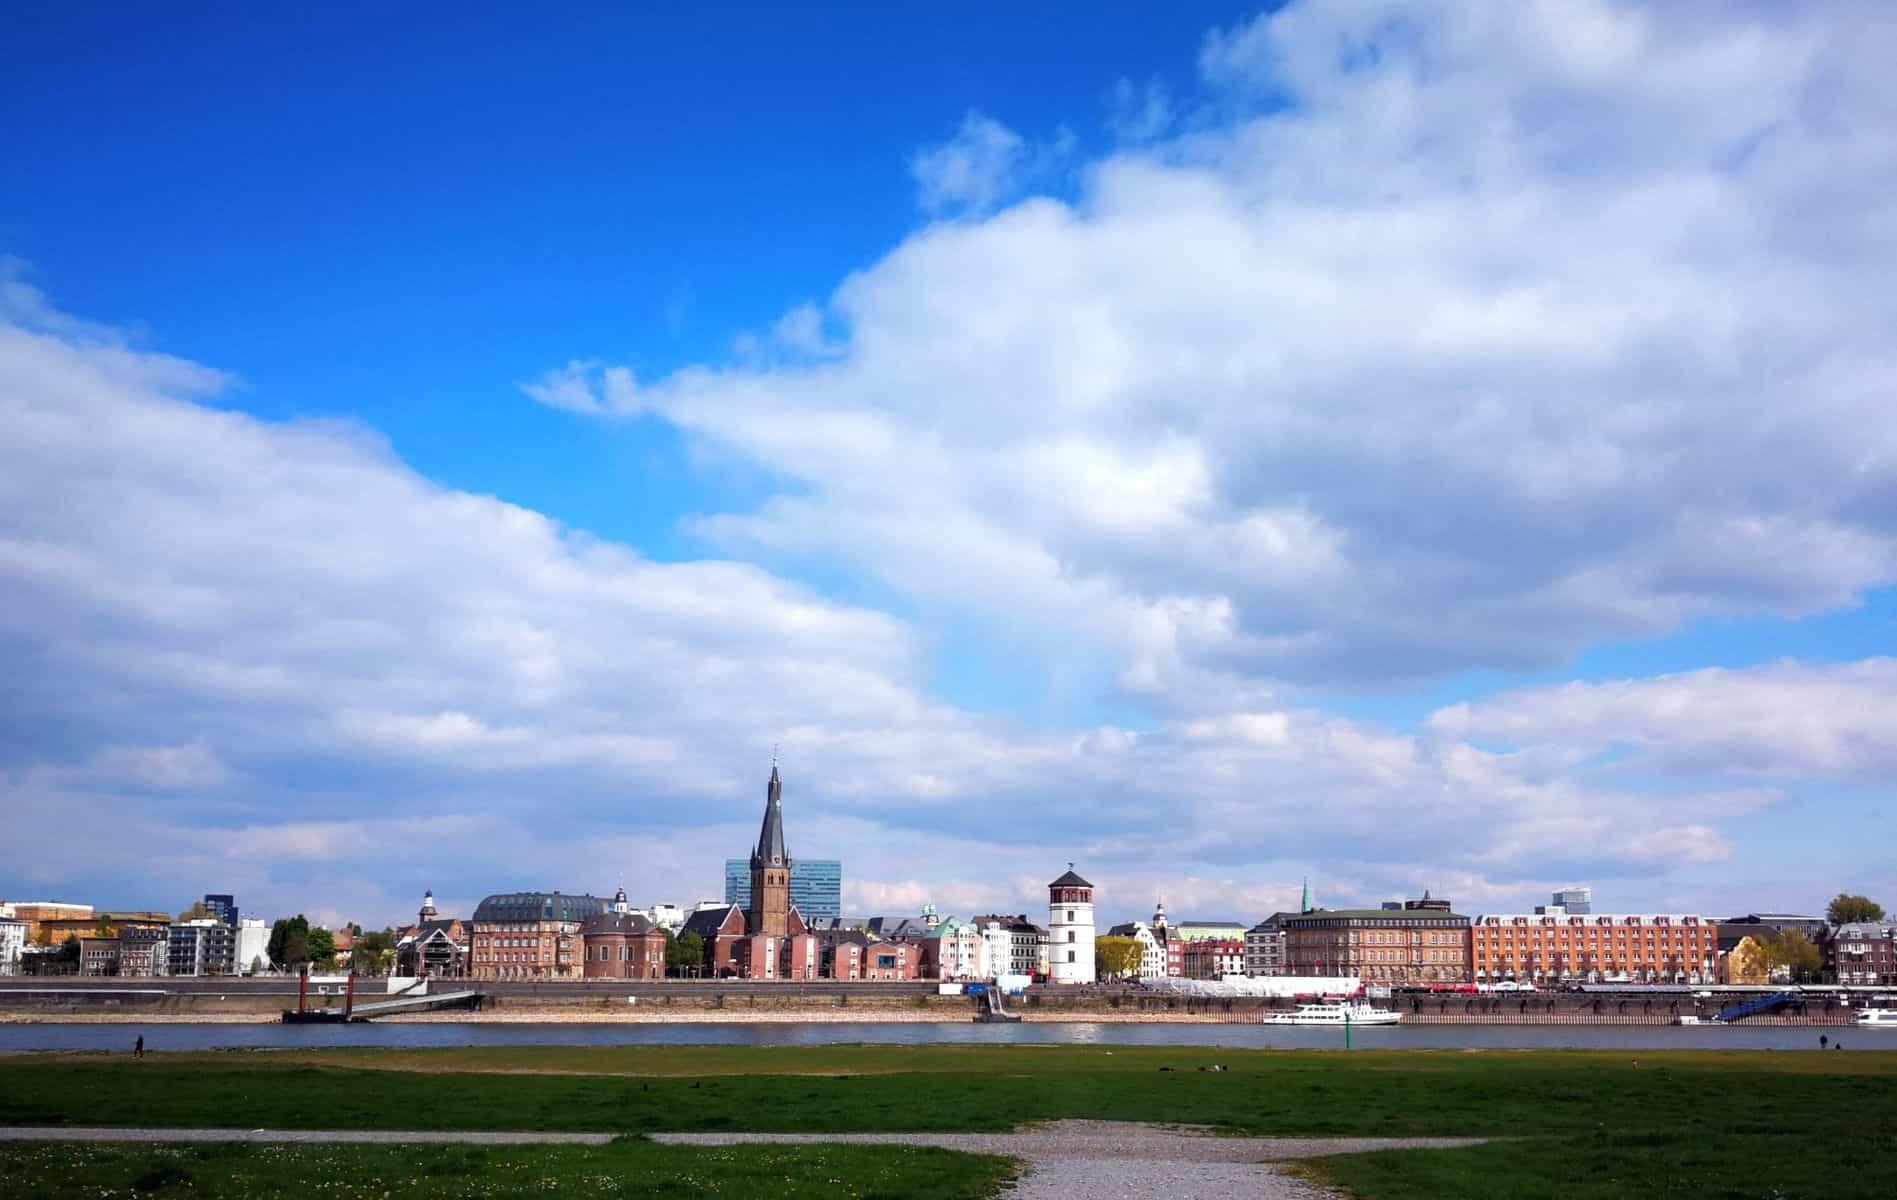 Der Himmel über der Stadt besteht aus lauter Düsseldorfer Luft, Luft, Luft...